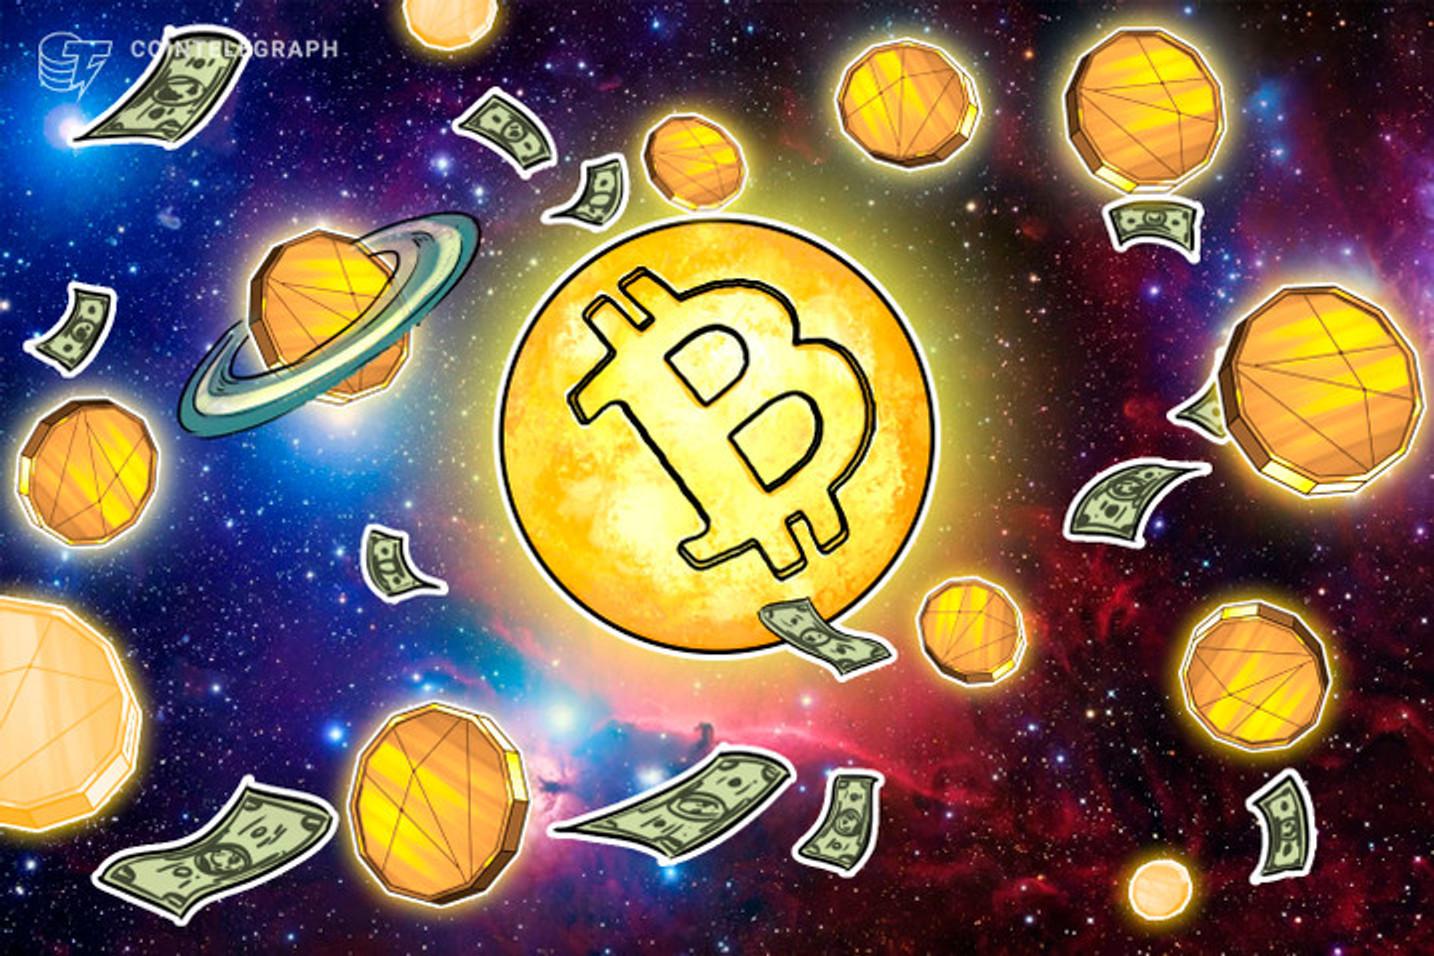 Ganhe dinheiro jogando: empresa de jogos em blockchain, Satoshi's Games lança primeiro marketplace de NFTs com recompensas em Bitcoin